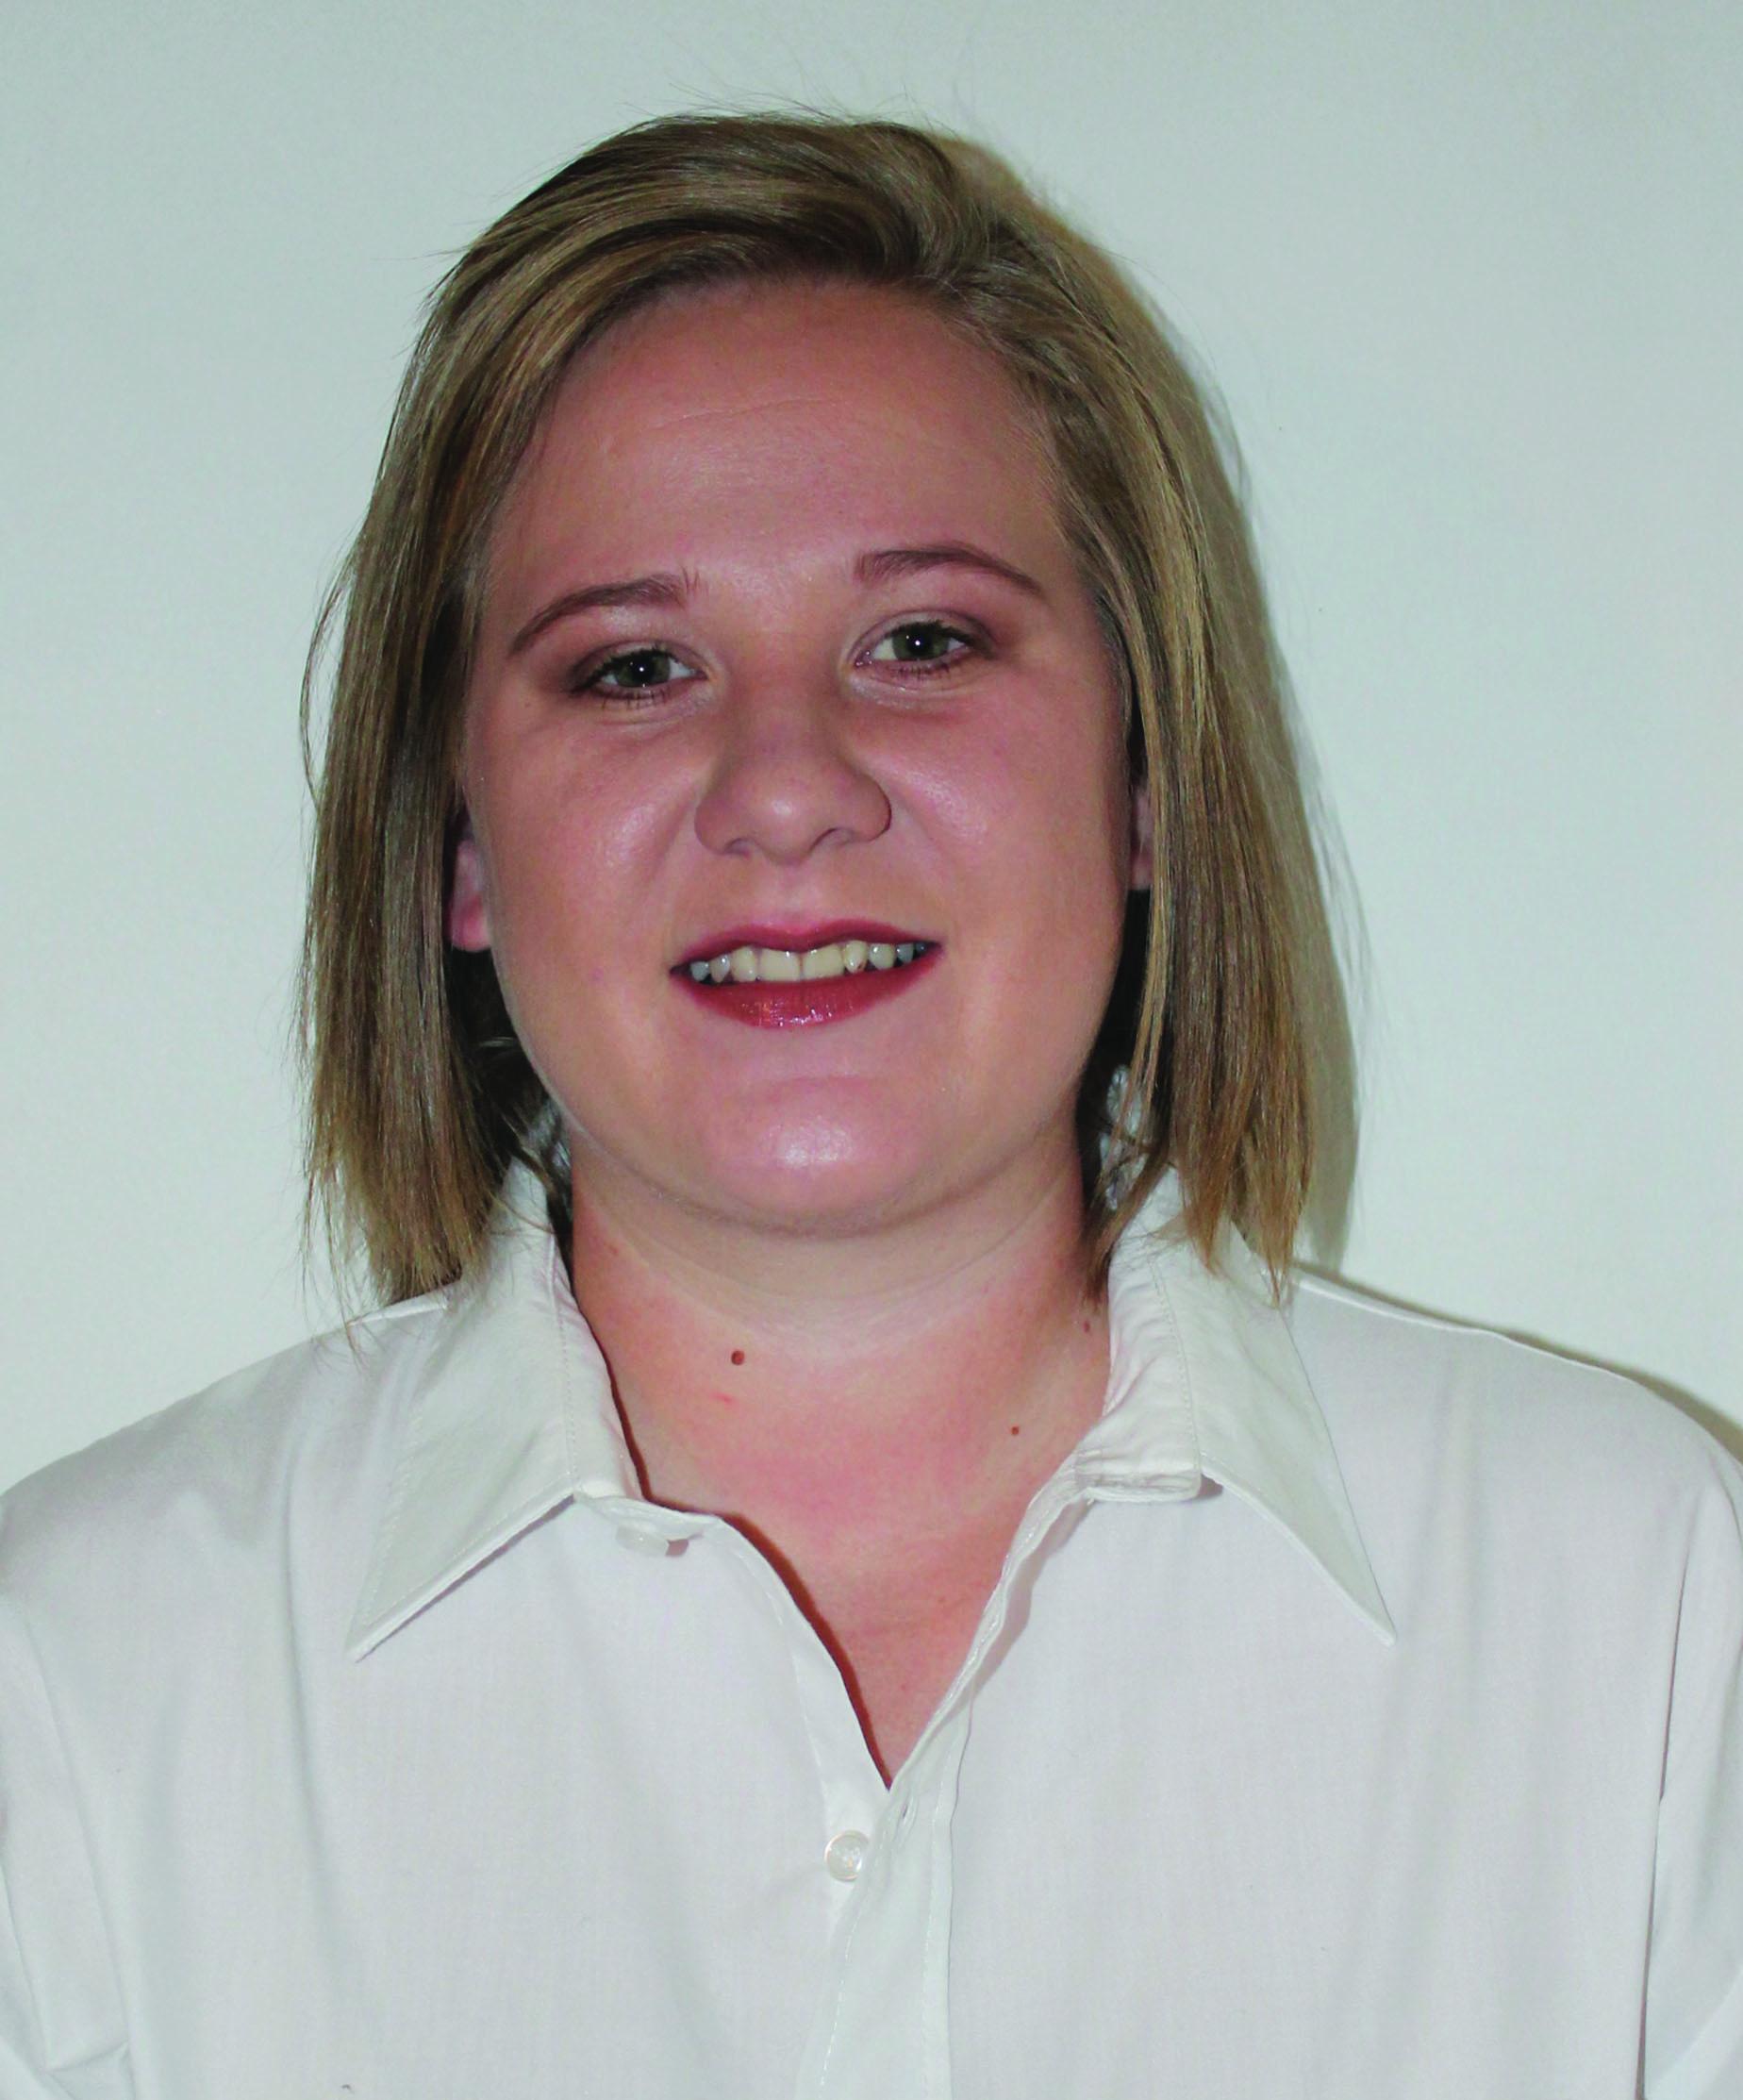 Klaryn - Accommodation Manager